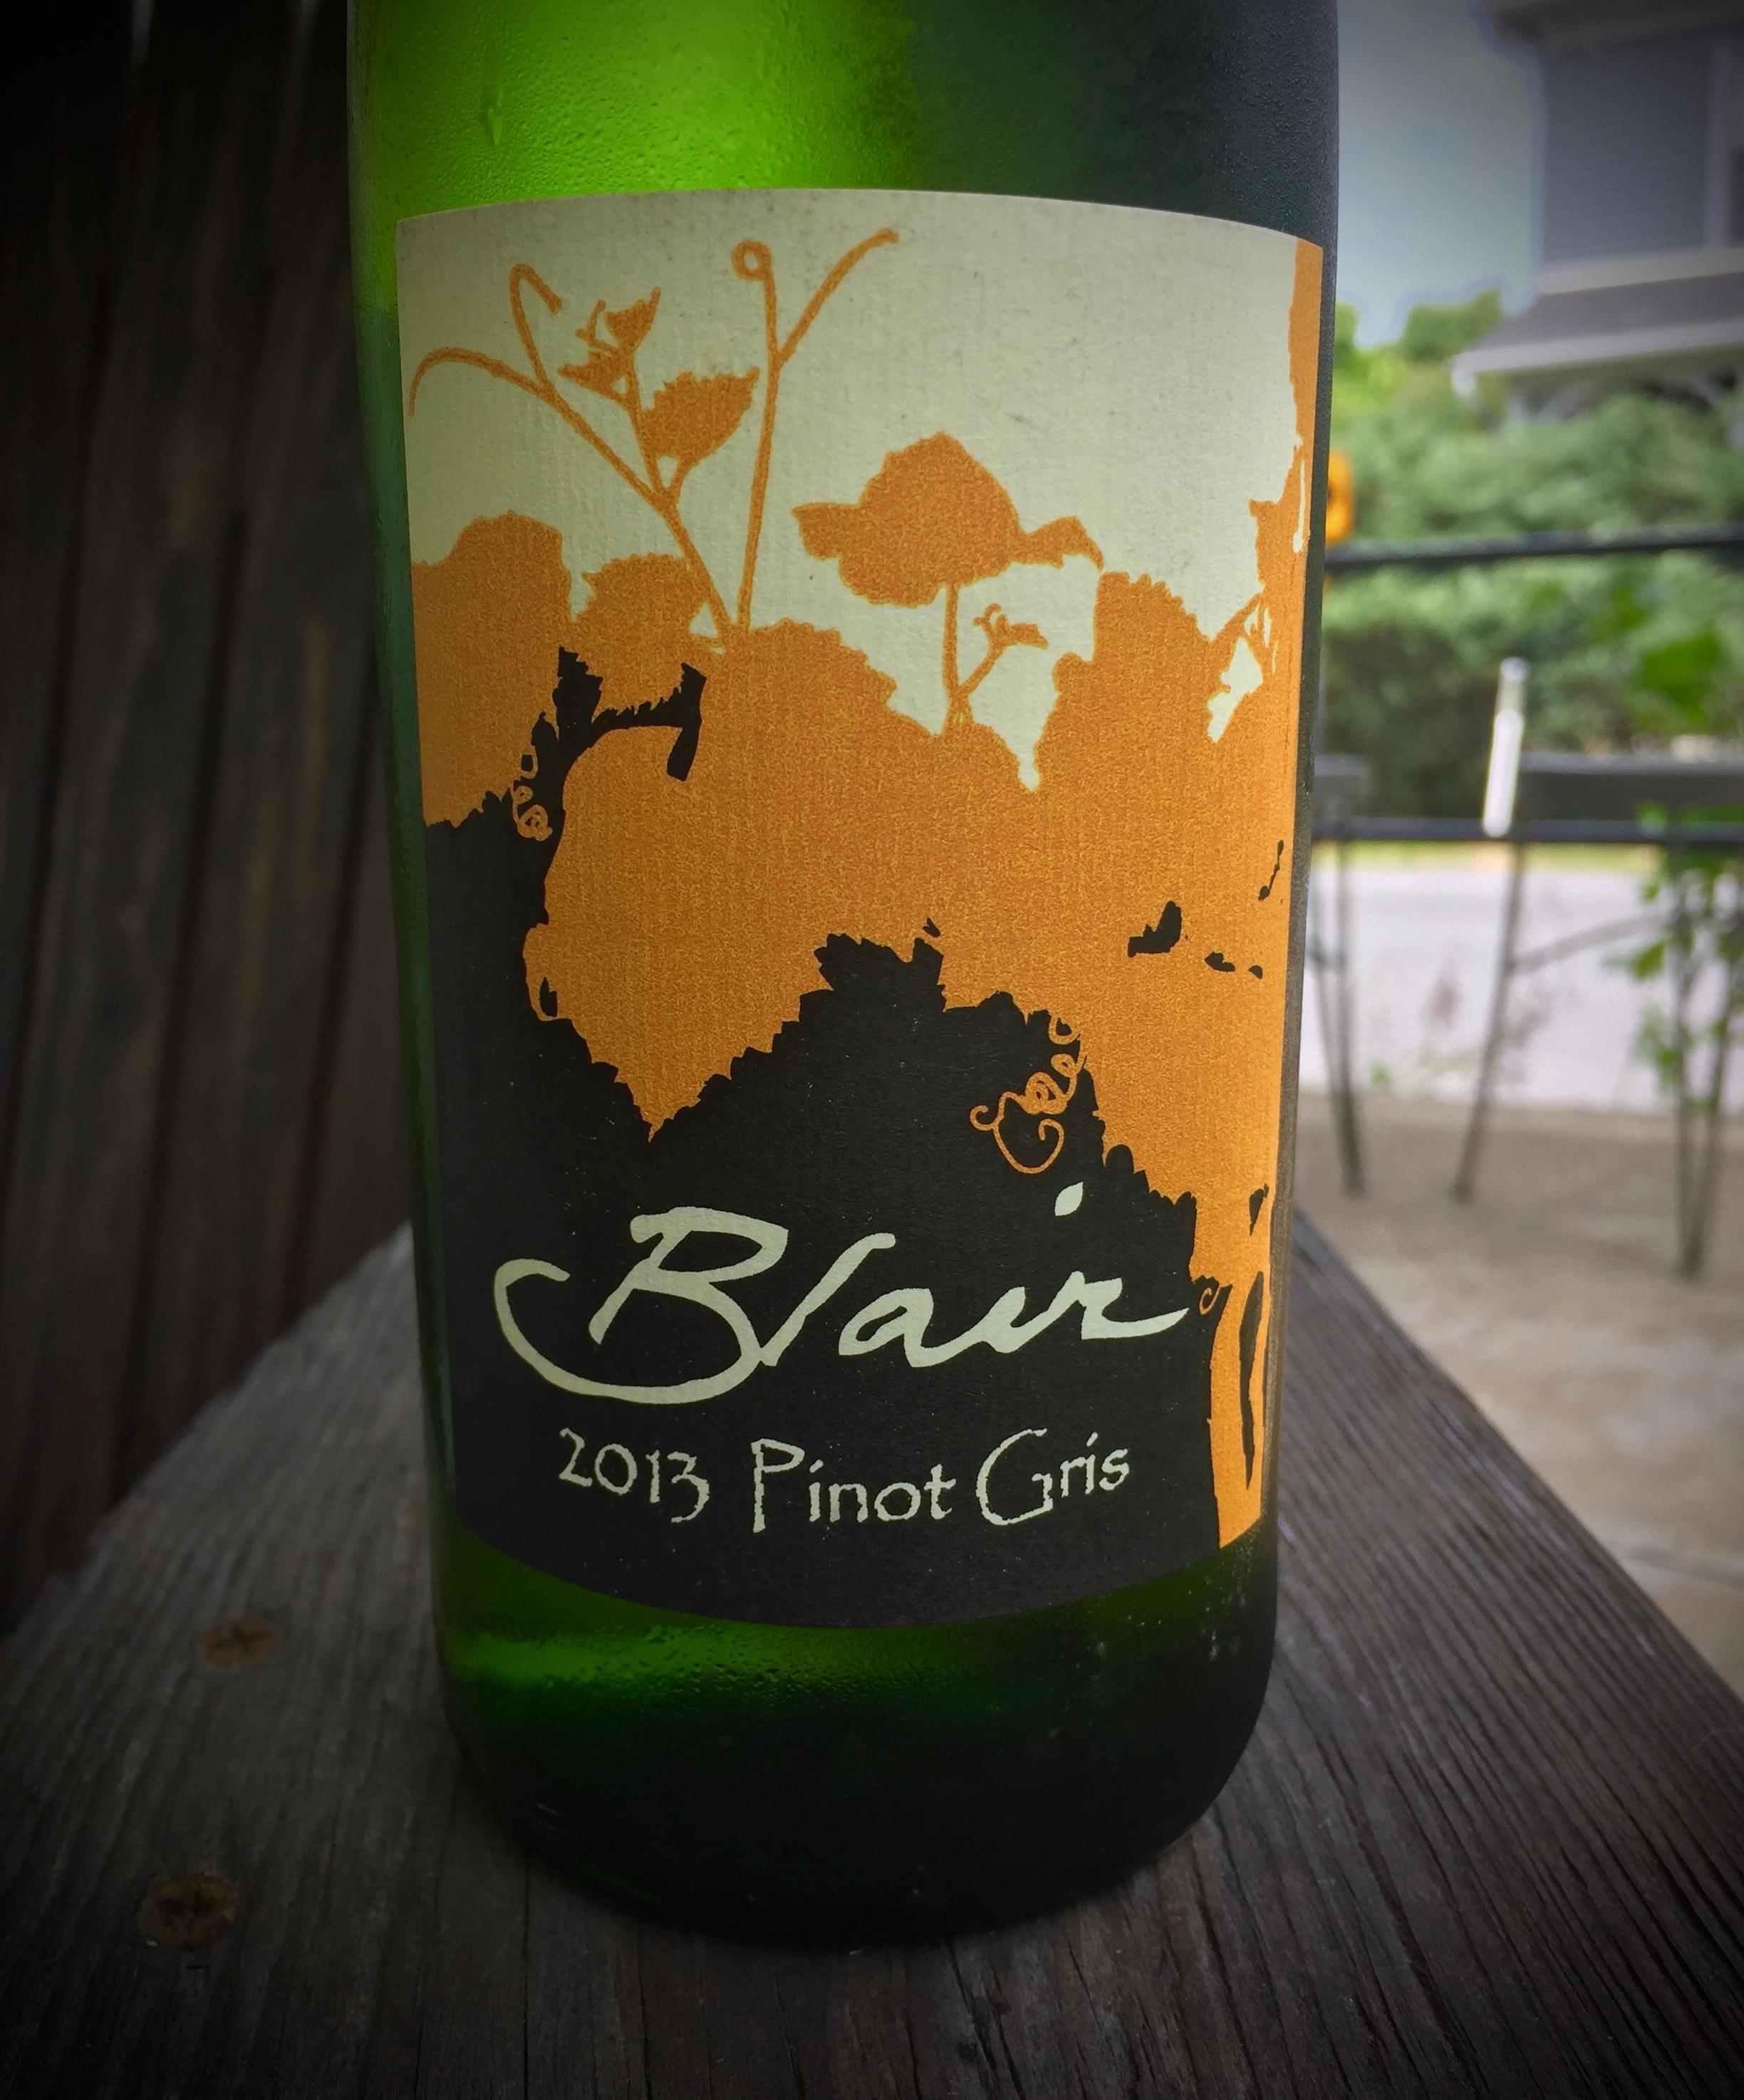 Blair Pinot Gris